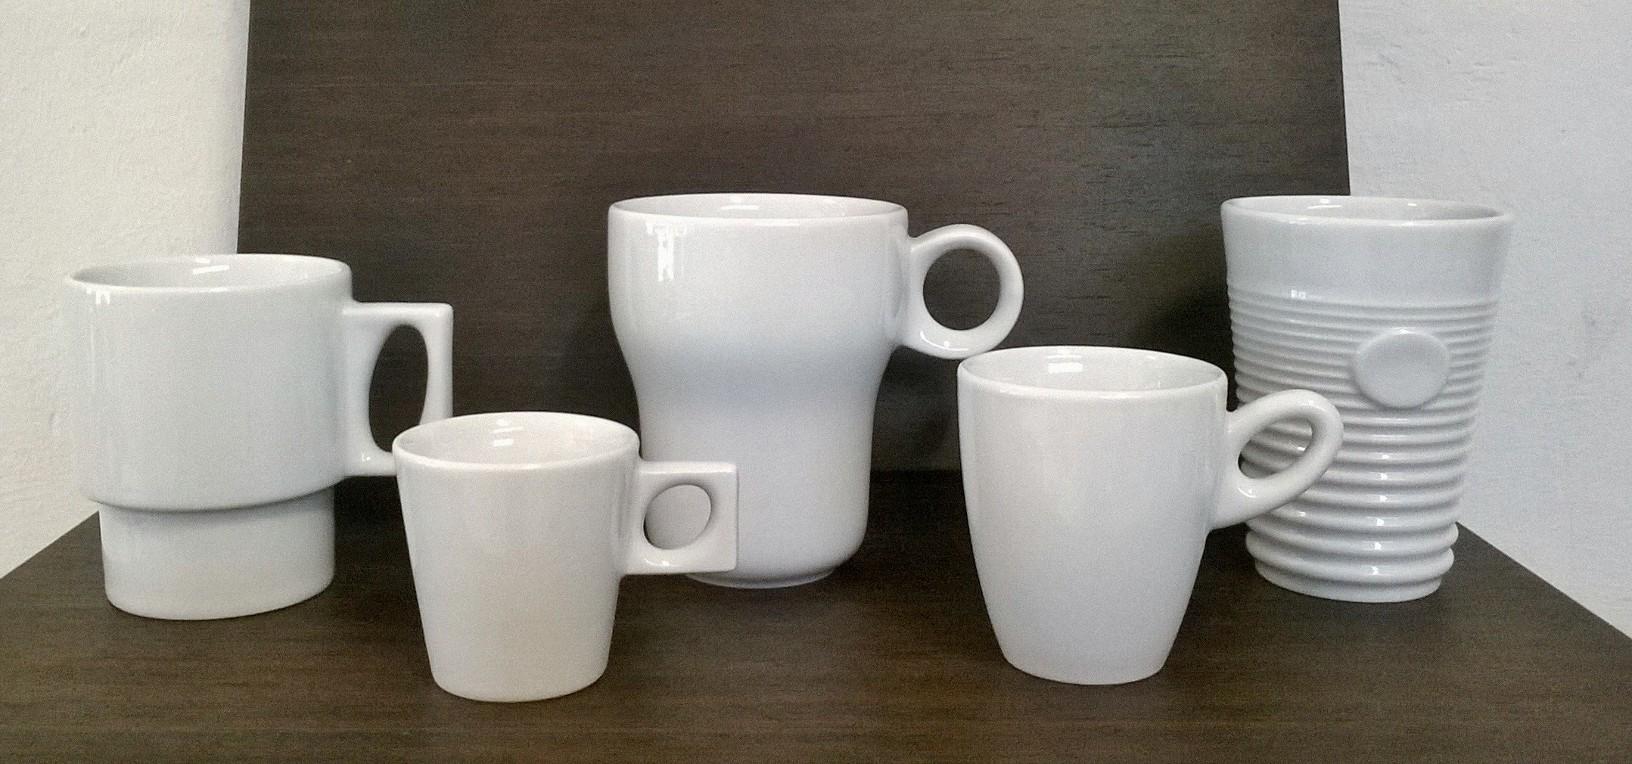 Von der Espressotasse bis zum Kaffeepott: Walküre fertigt in jeder Form alle Größen in der gleichen tollen Qualität und den richtigen Proportionen. Einmal in die Hand genommen möchte man nicht mehr loslassen.